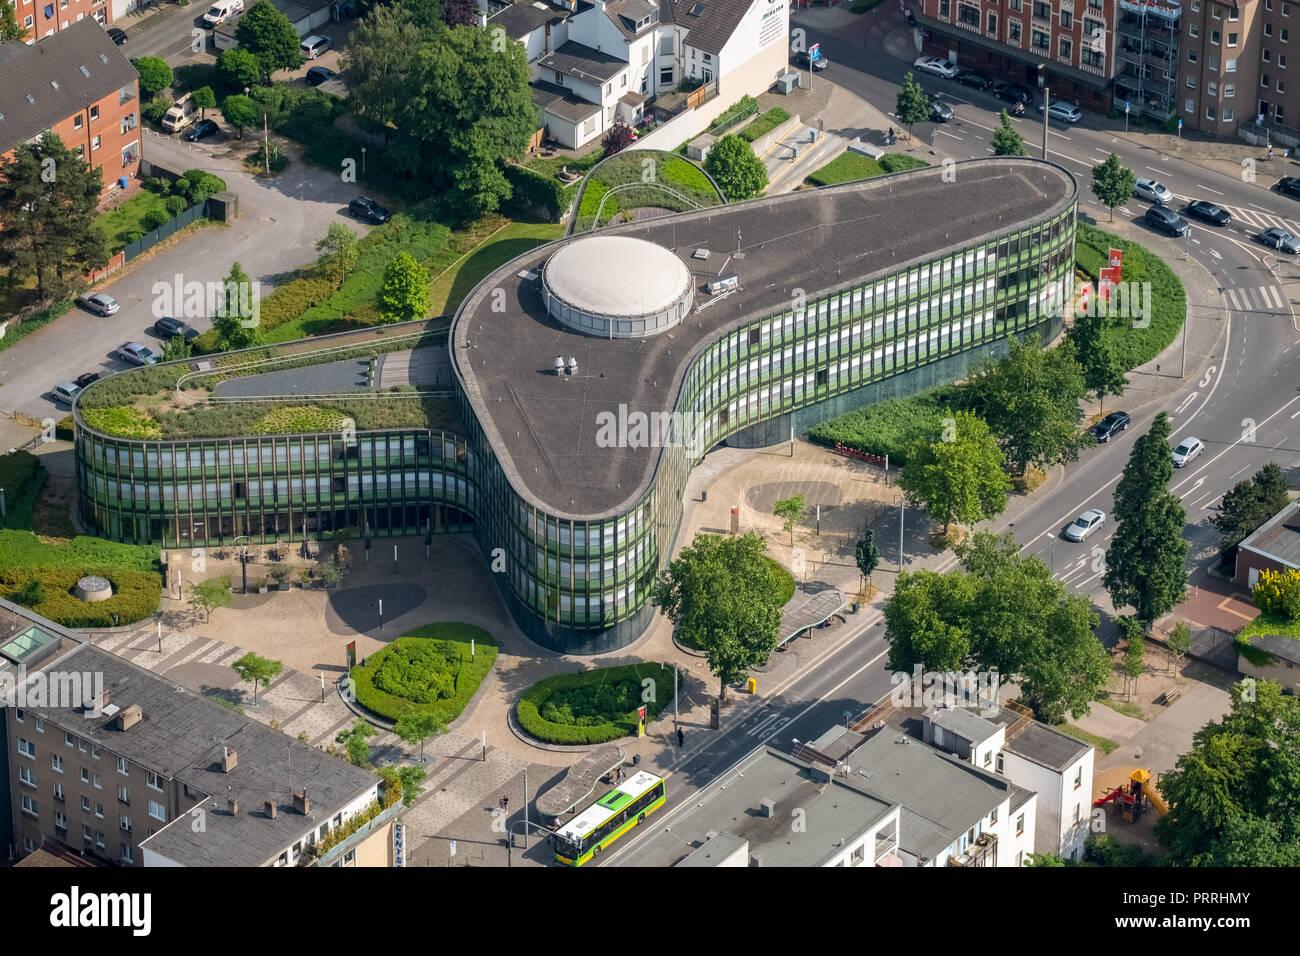 Stadtsparkasse Oberhausen, Head Office, Oberhausen, Ruhr Area, North Rhine-Westphalia, Germany - Stock Image